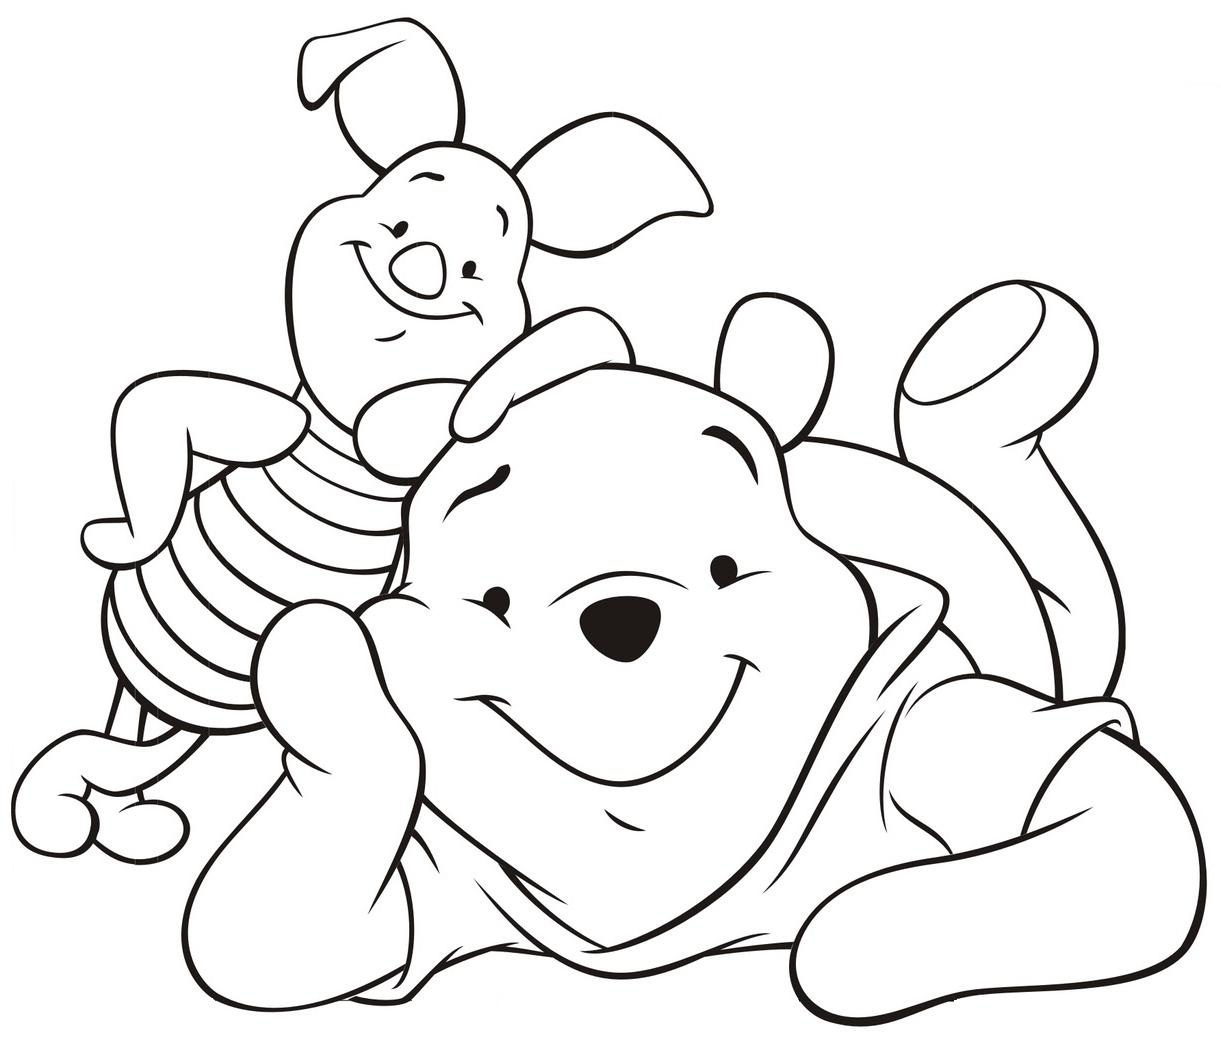 imagens do mikey estudando para colorir